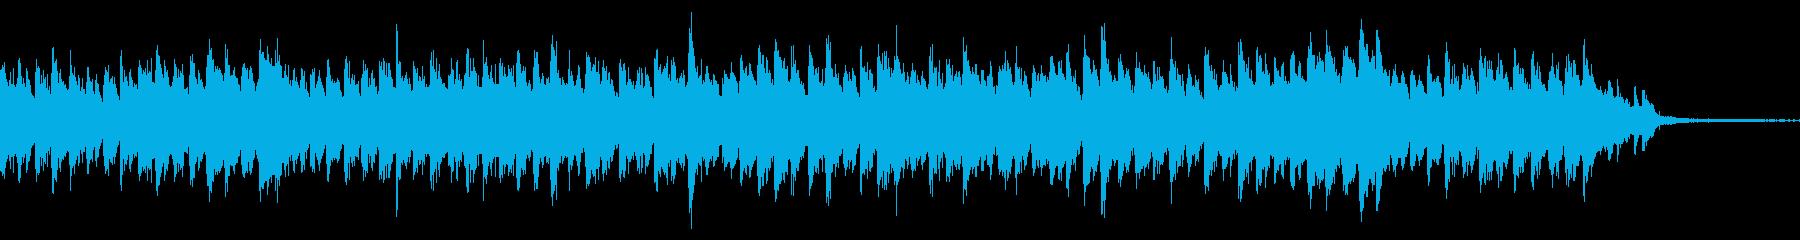 前向き☆ 躍動感がある ドラムが印象的 の再生済みの波形